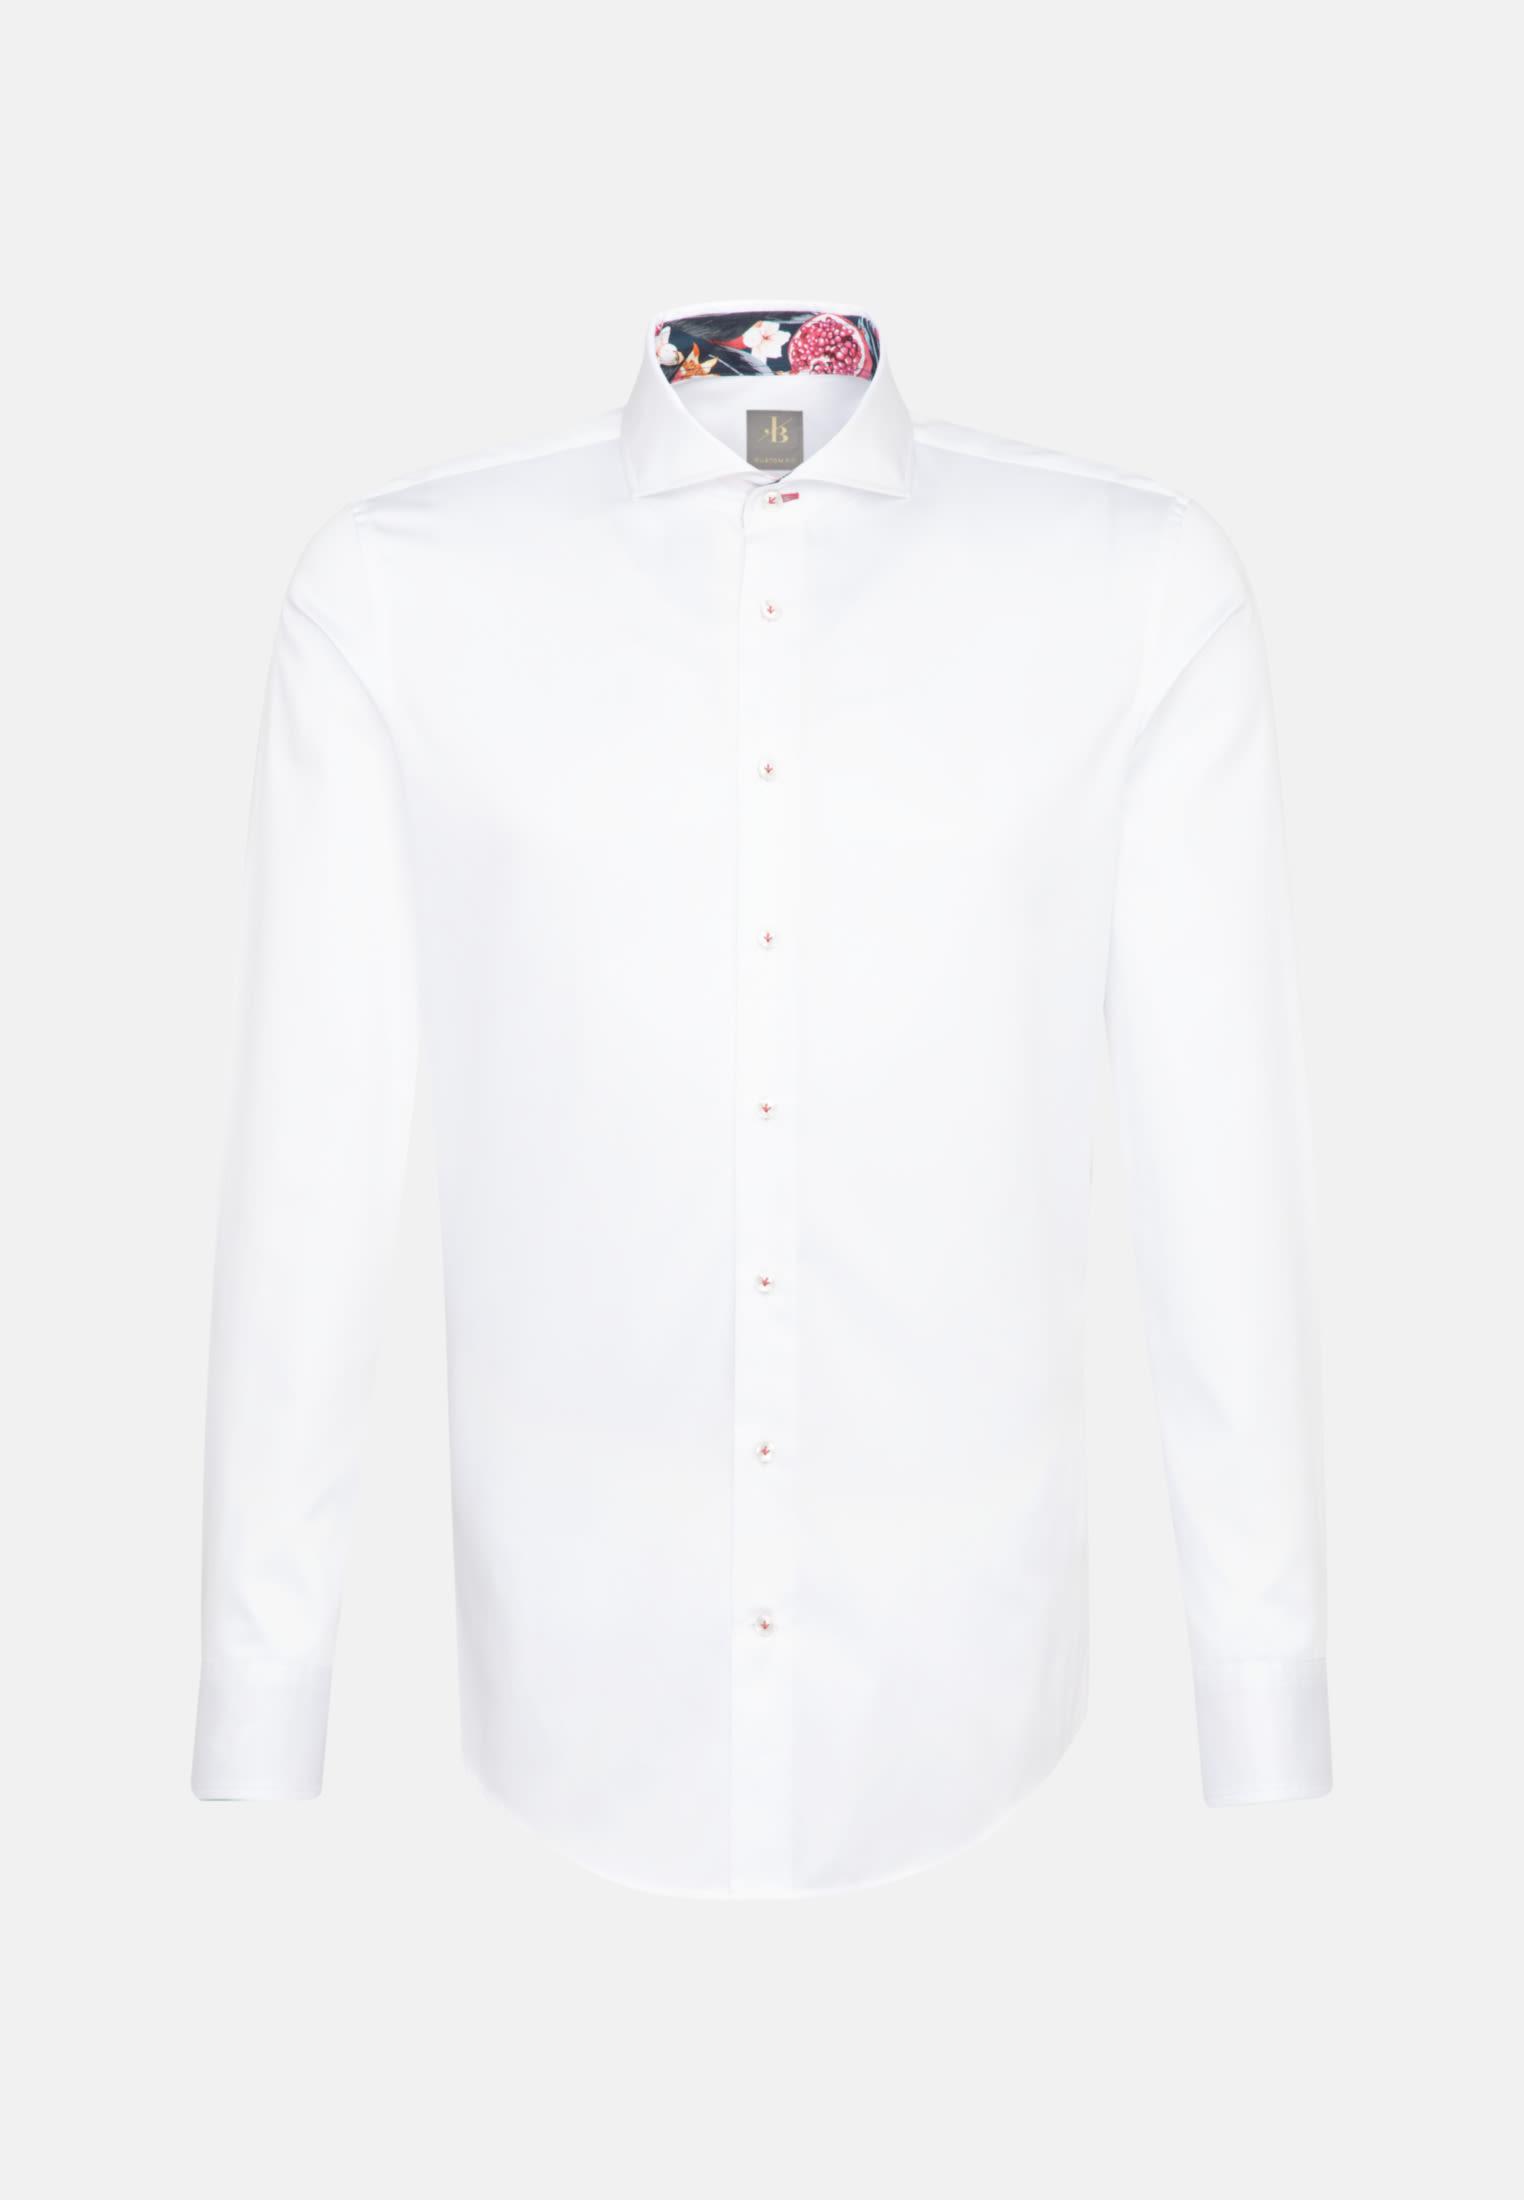 Satin Business Hemd in Custom Fit mit Kentkragen in Weiß    Jacques Britt Onlineshop